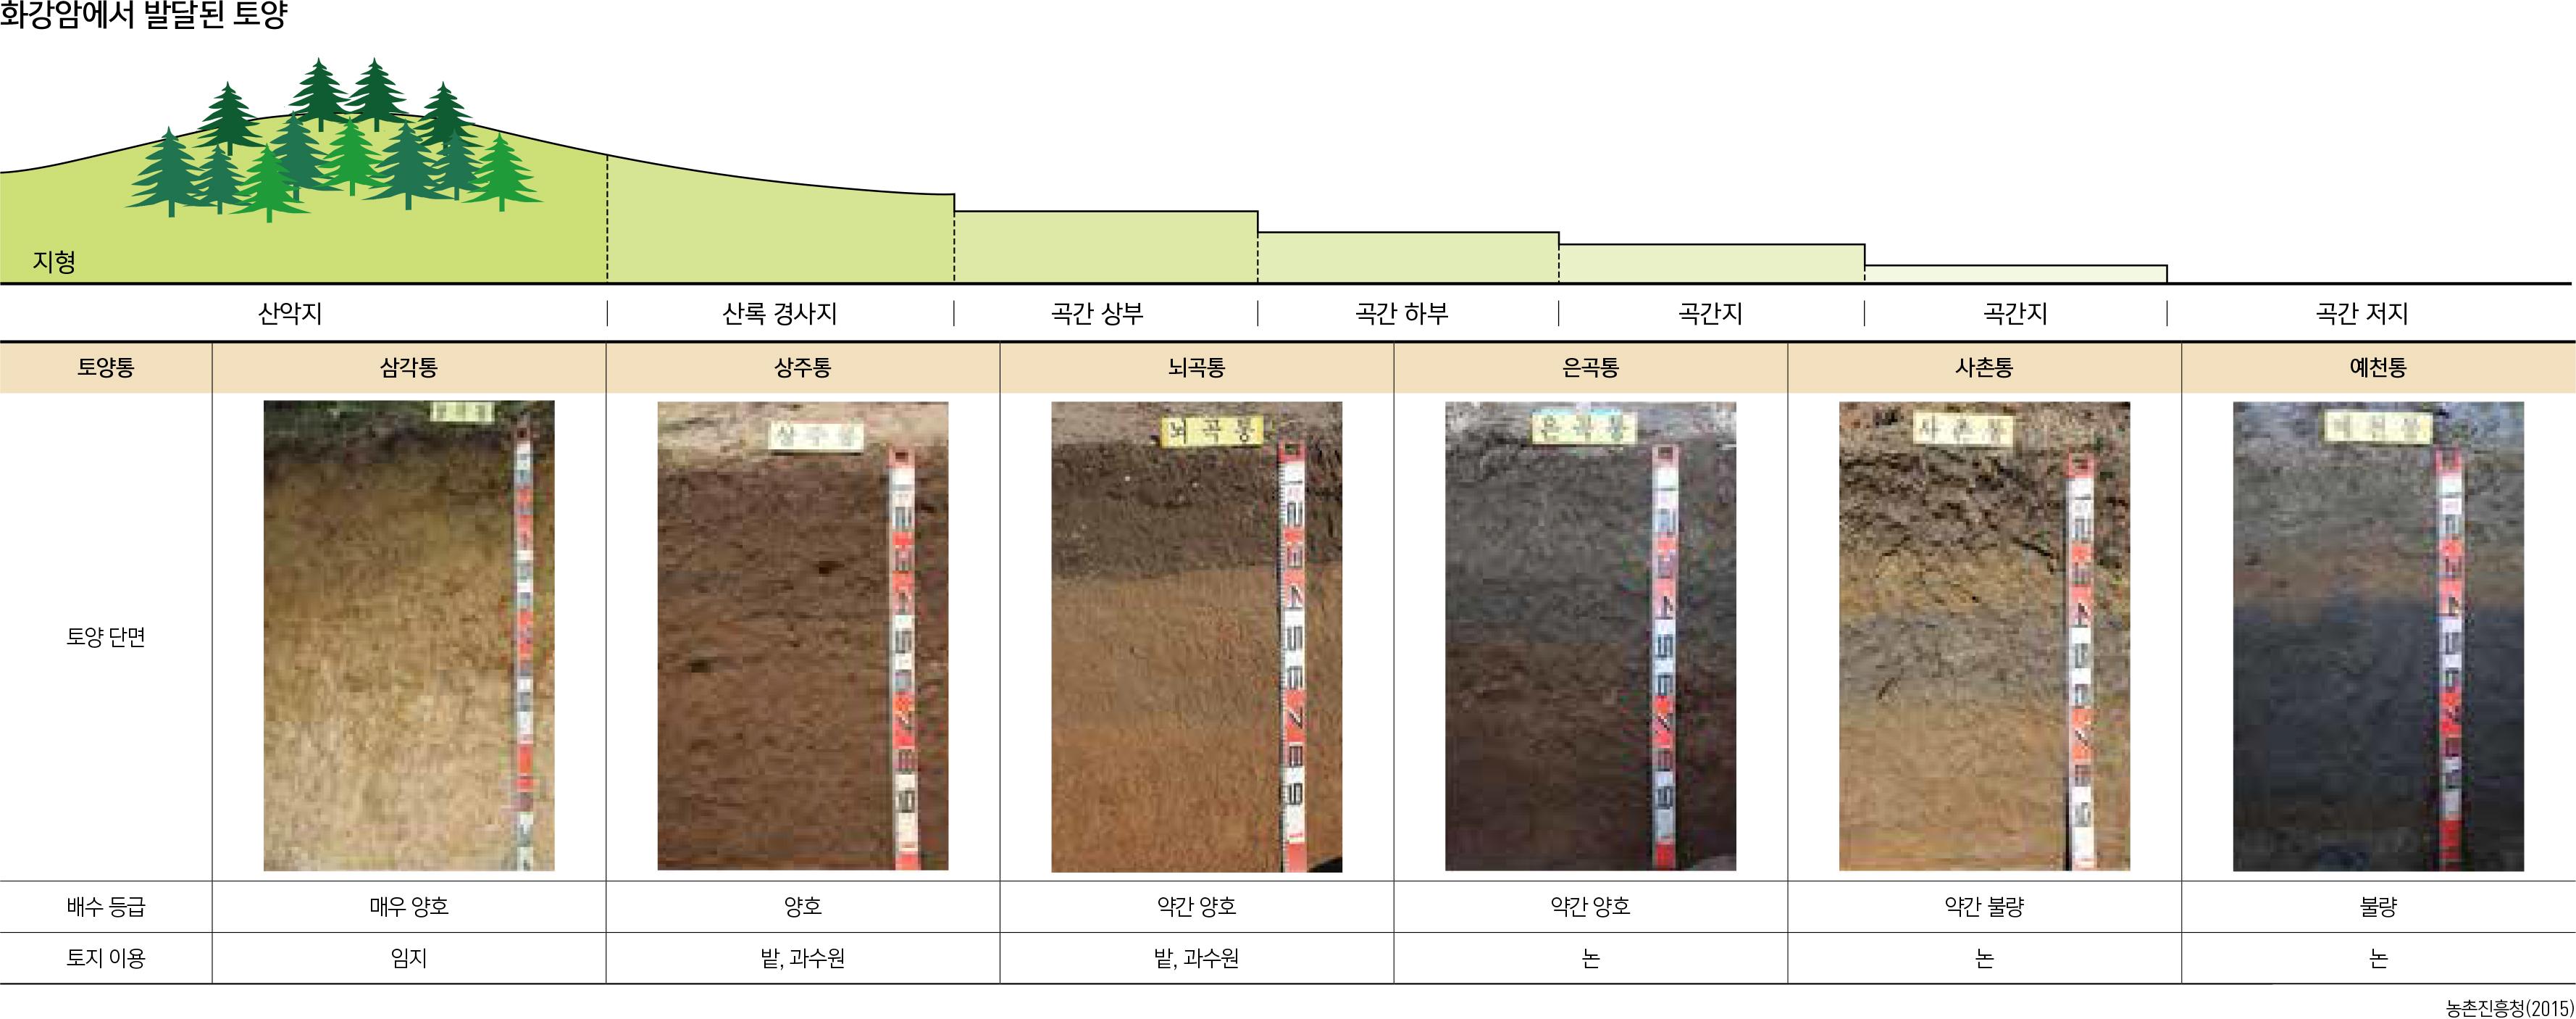 화강암에서 발달된 토양